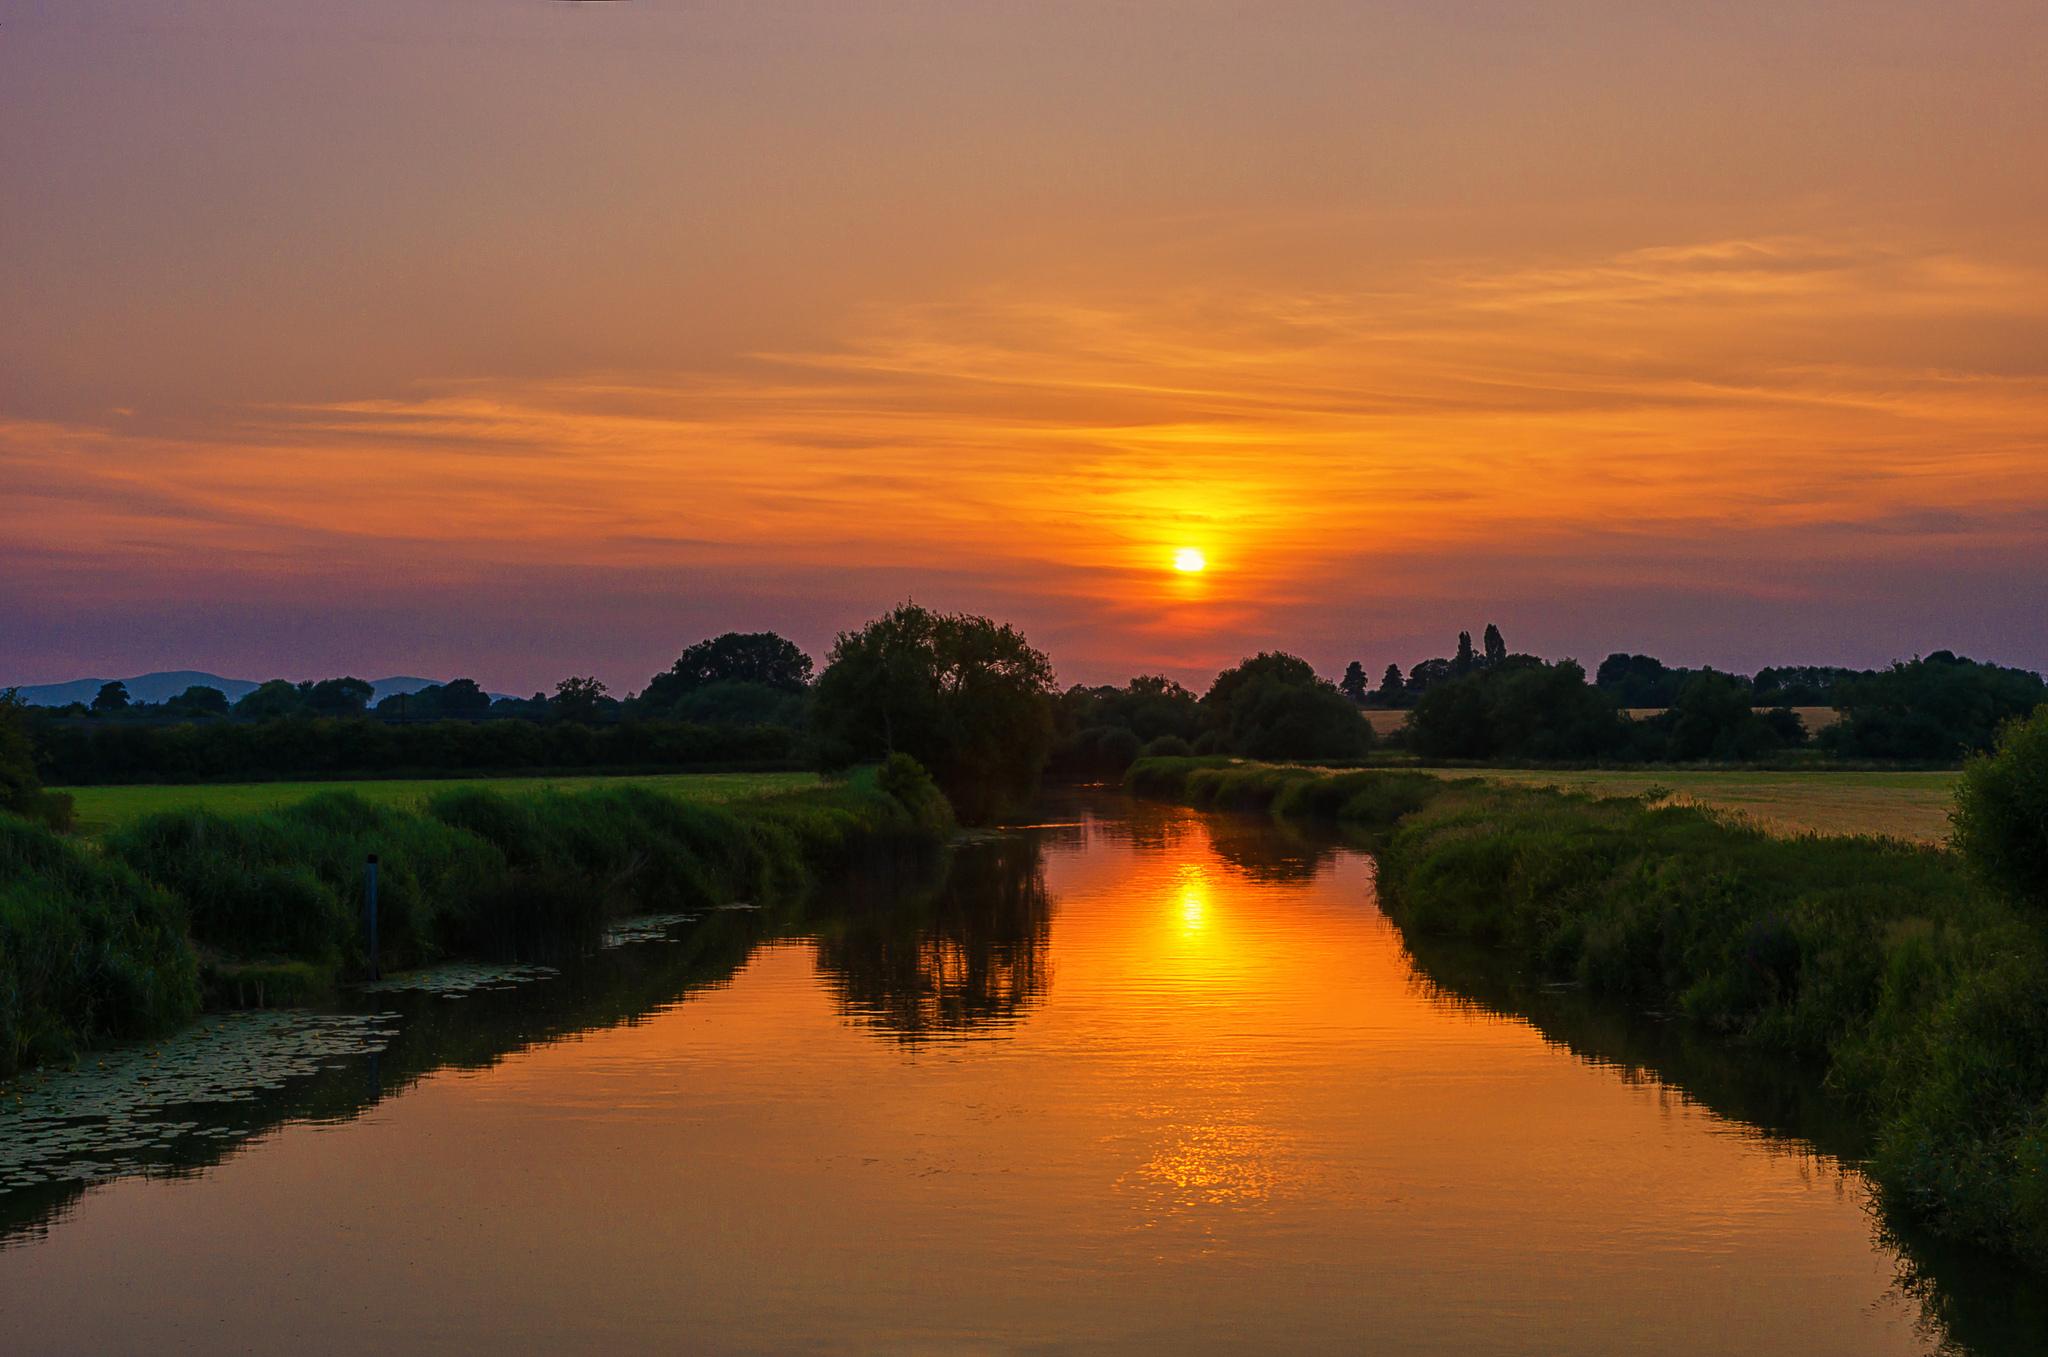 места стихи на тему вечерний пейзаж то, что